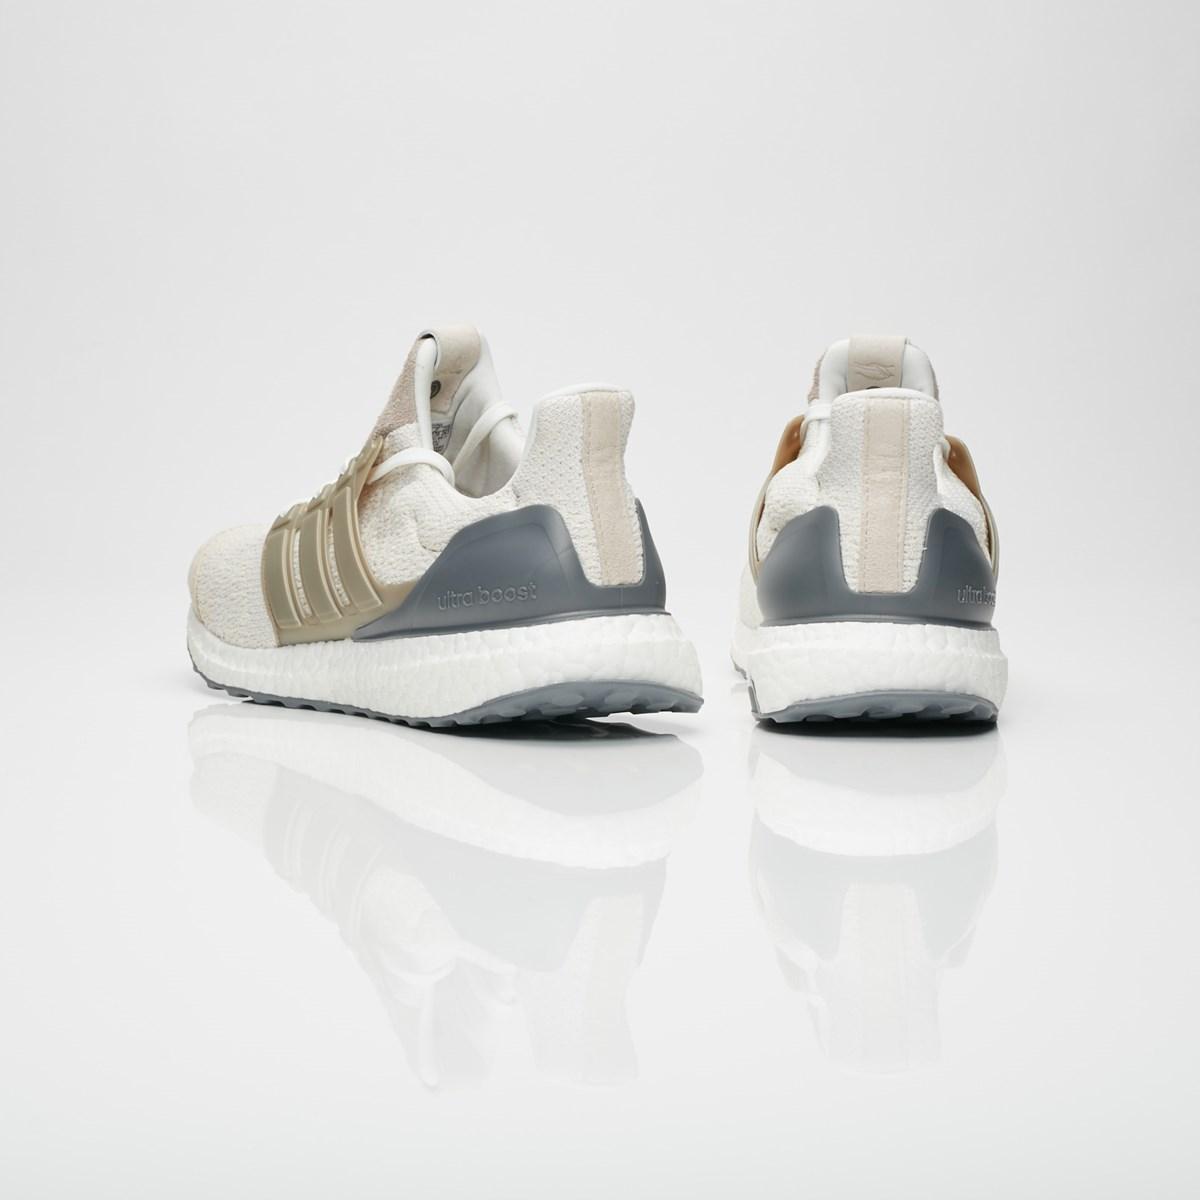 29d94b7ce99 adidas UltraBOOST Lux - Db0338 - Sneakersnstuff